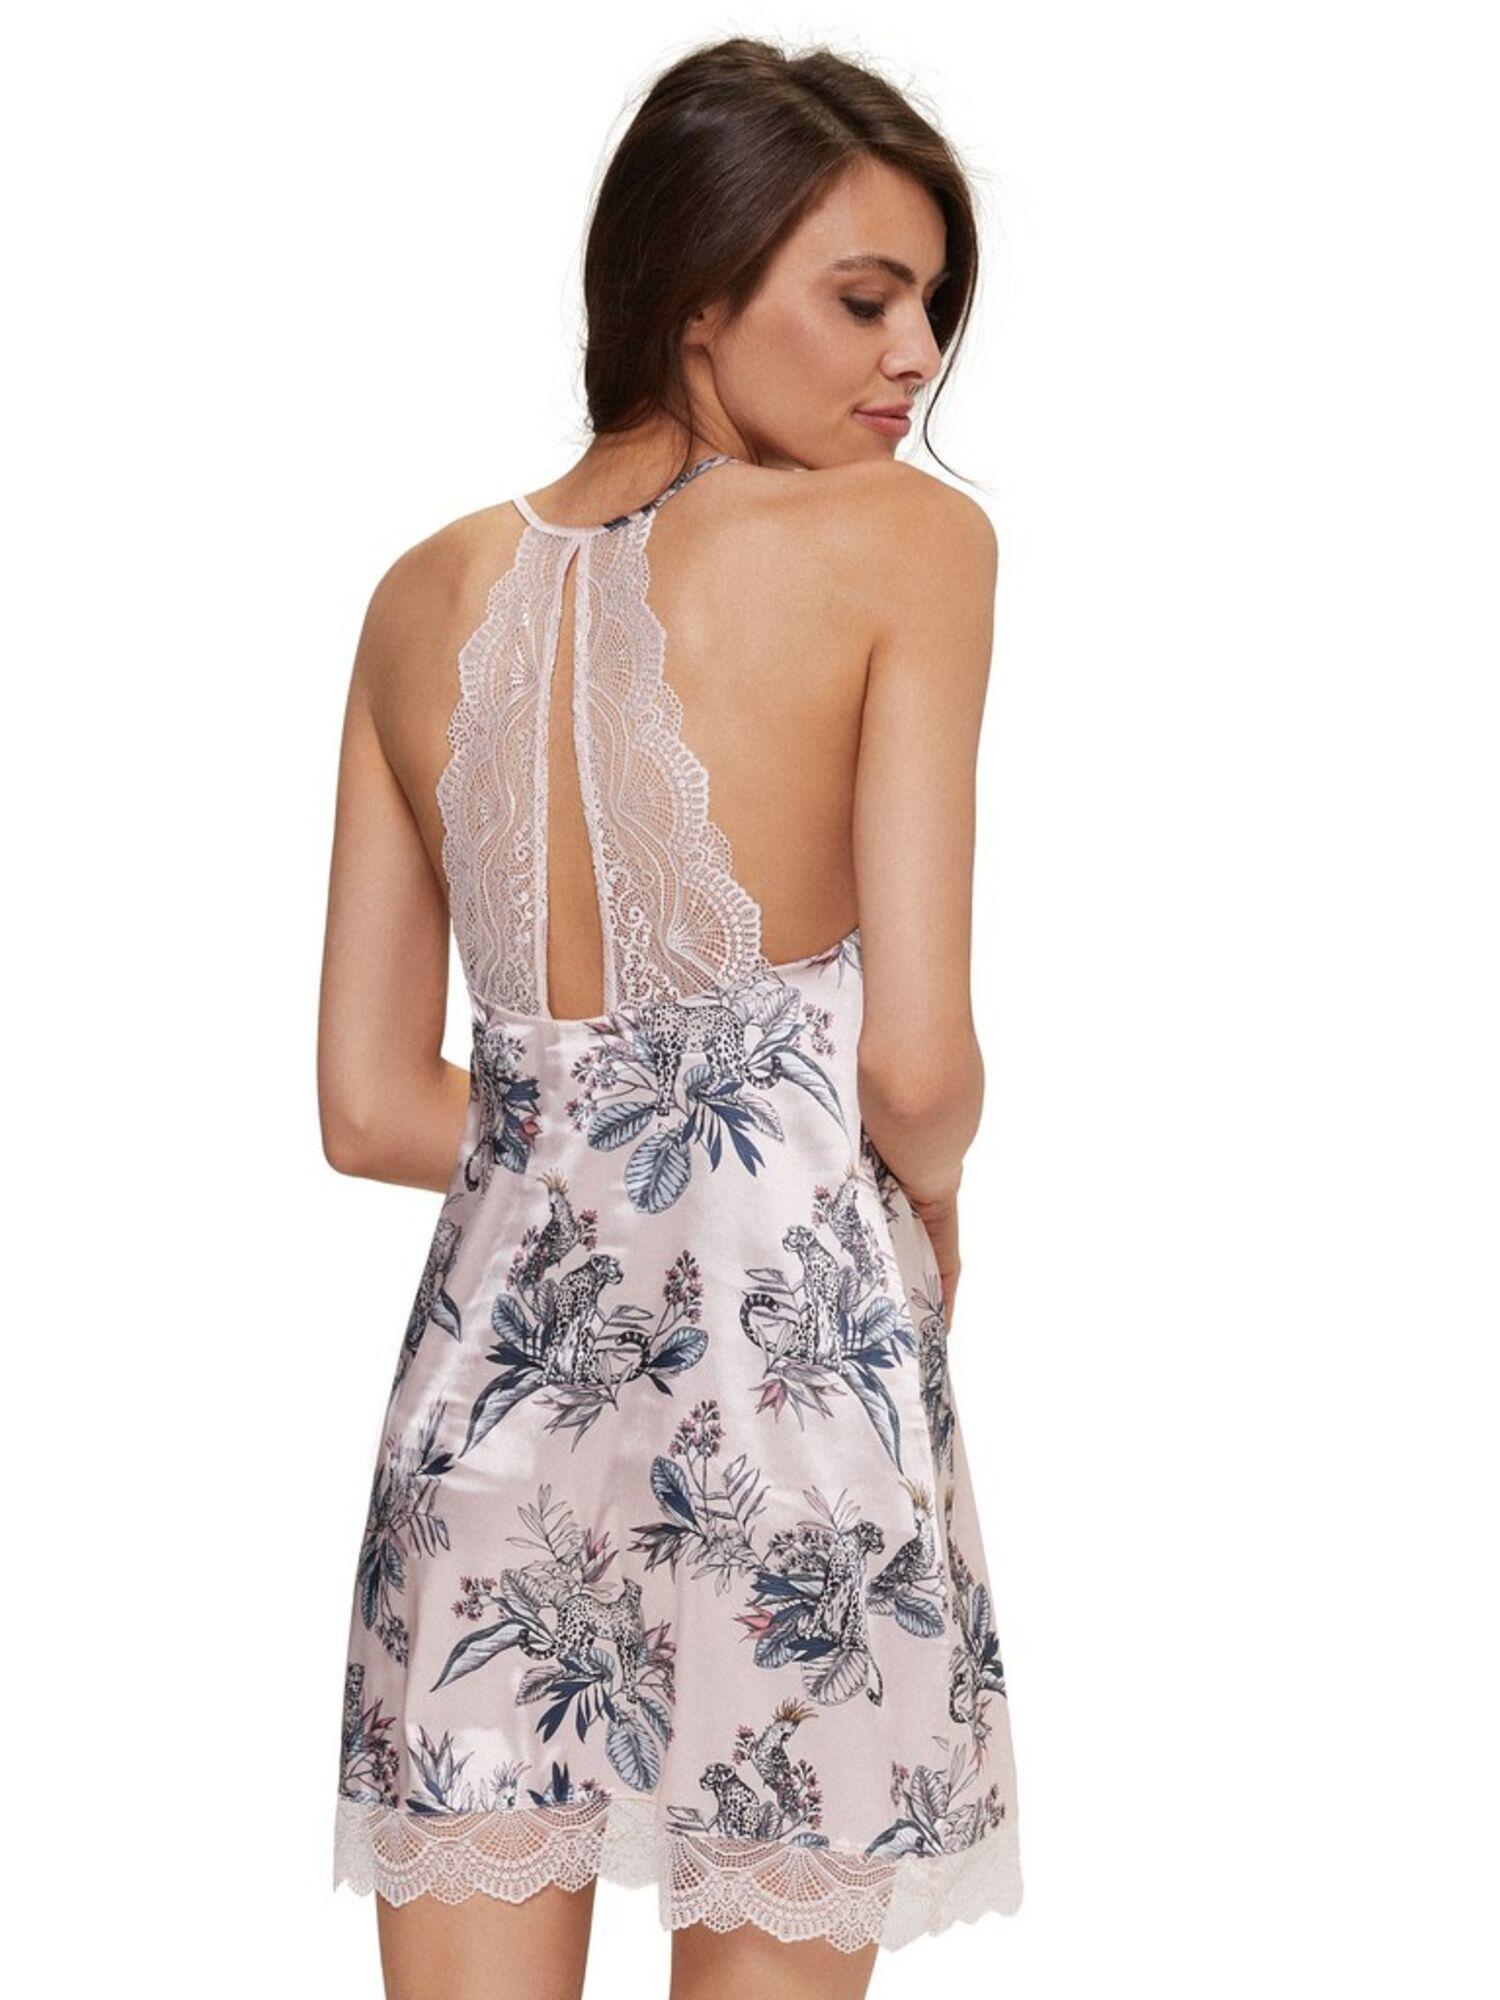 Сорочка женская короткая 38126 BEVERY, розовый, ESOTIQ